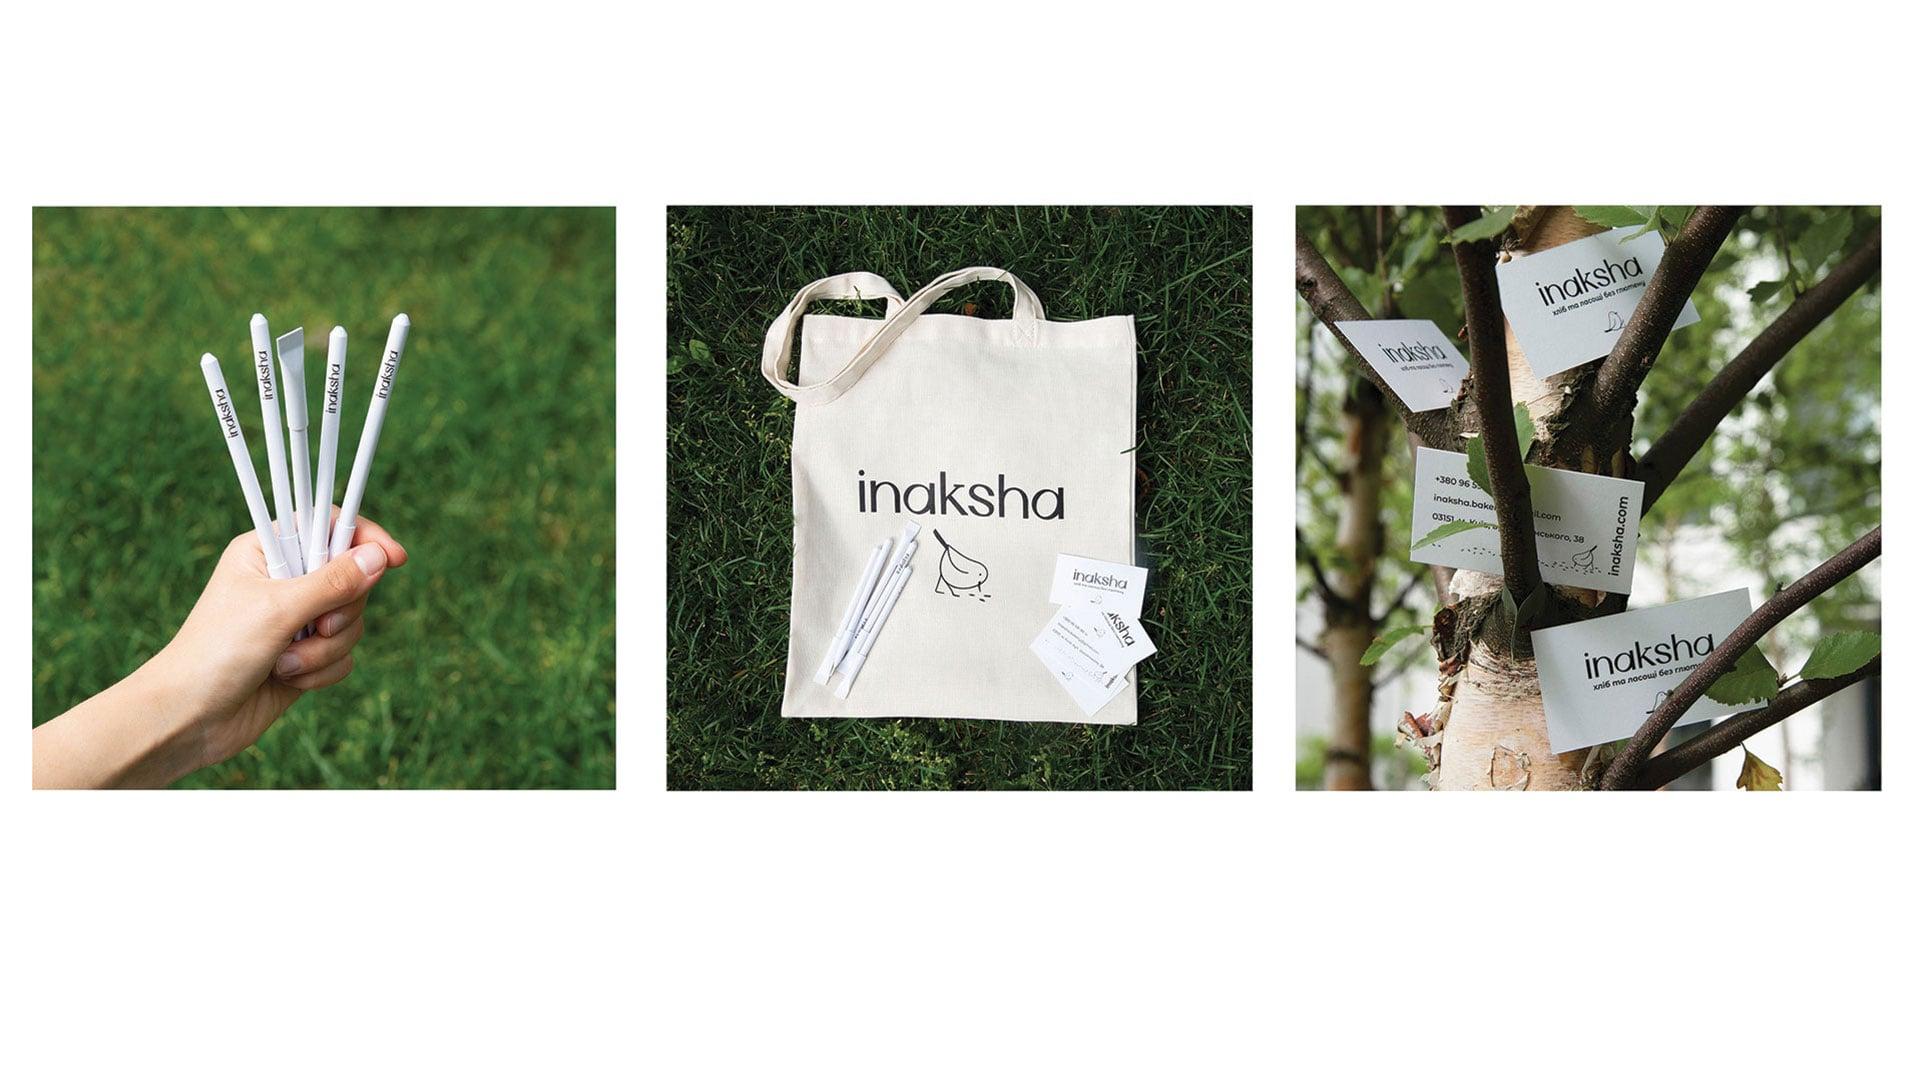 gra brand design inaksha 8